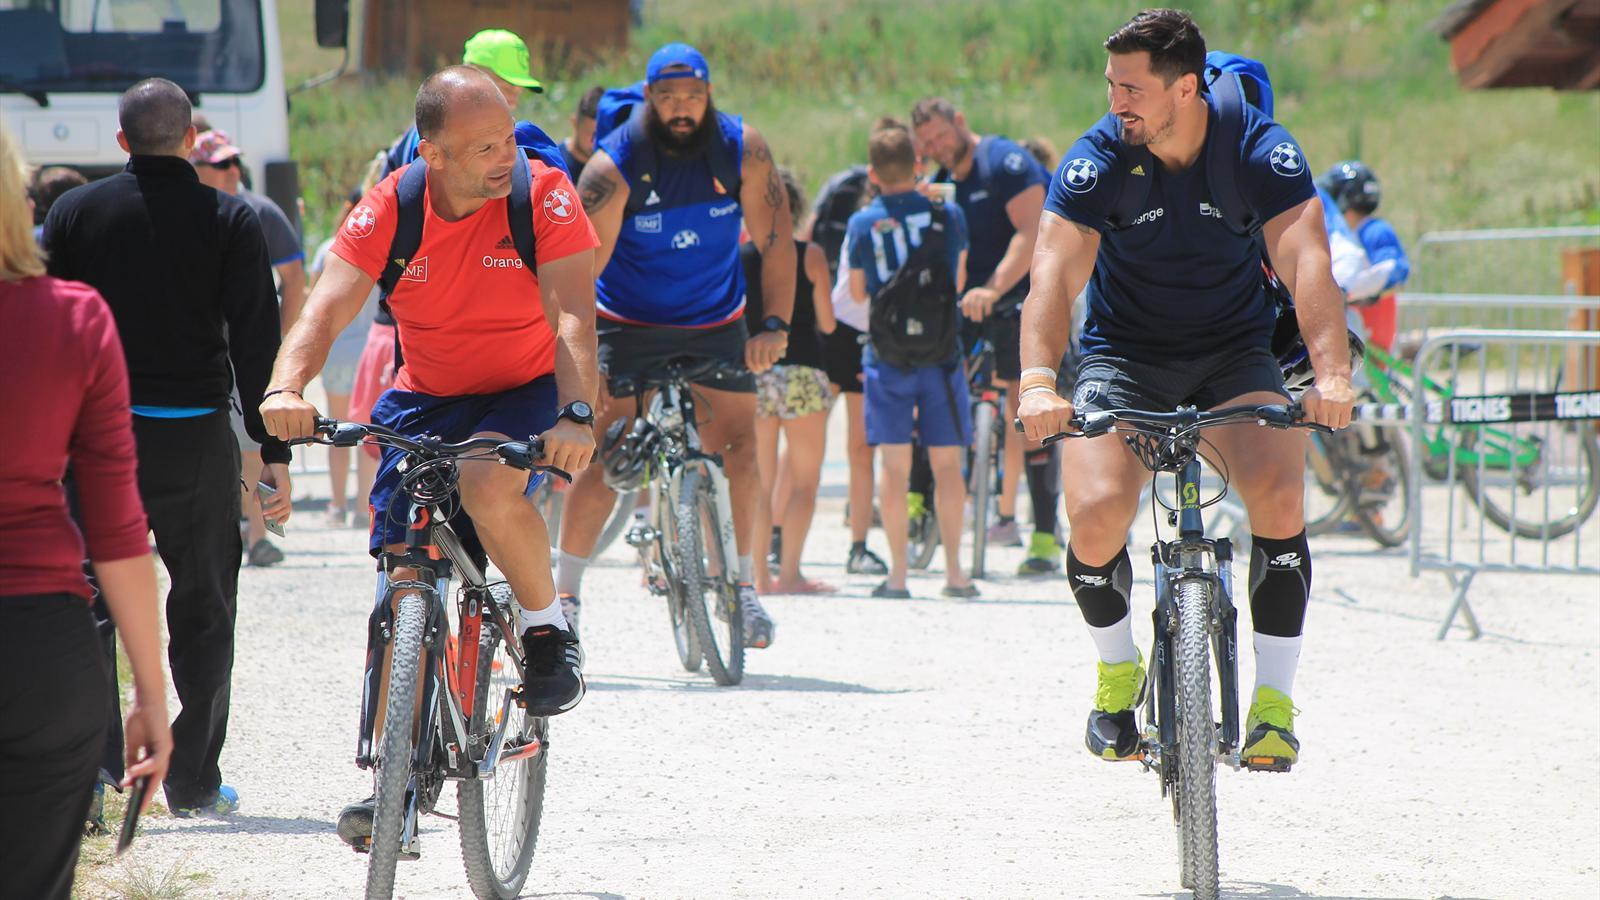 Balade à vélo pour Bru, Dumoulin et le XV de France - juillet 2015